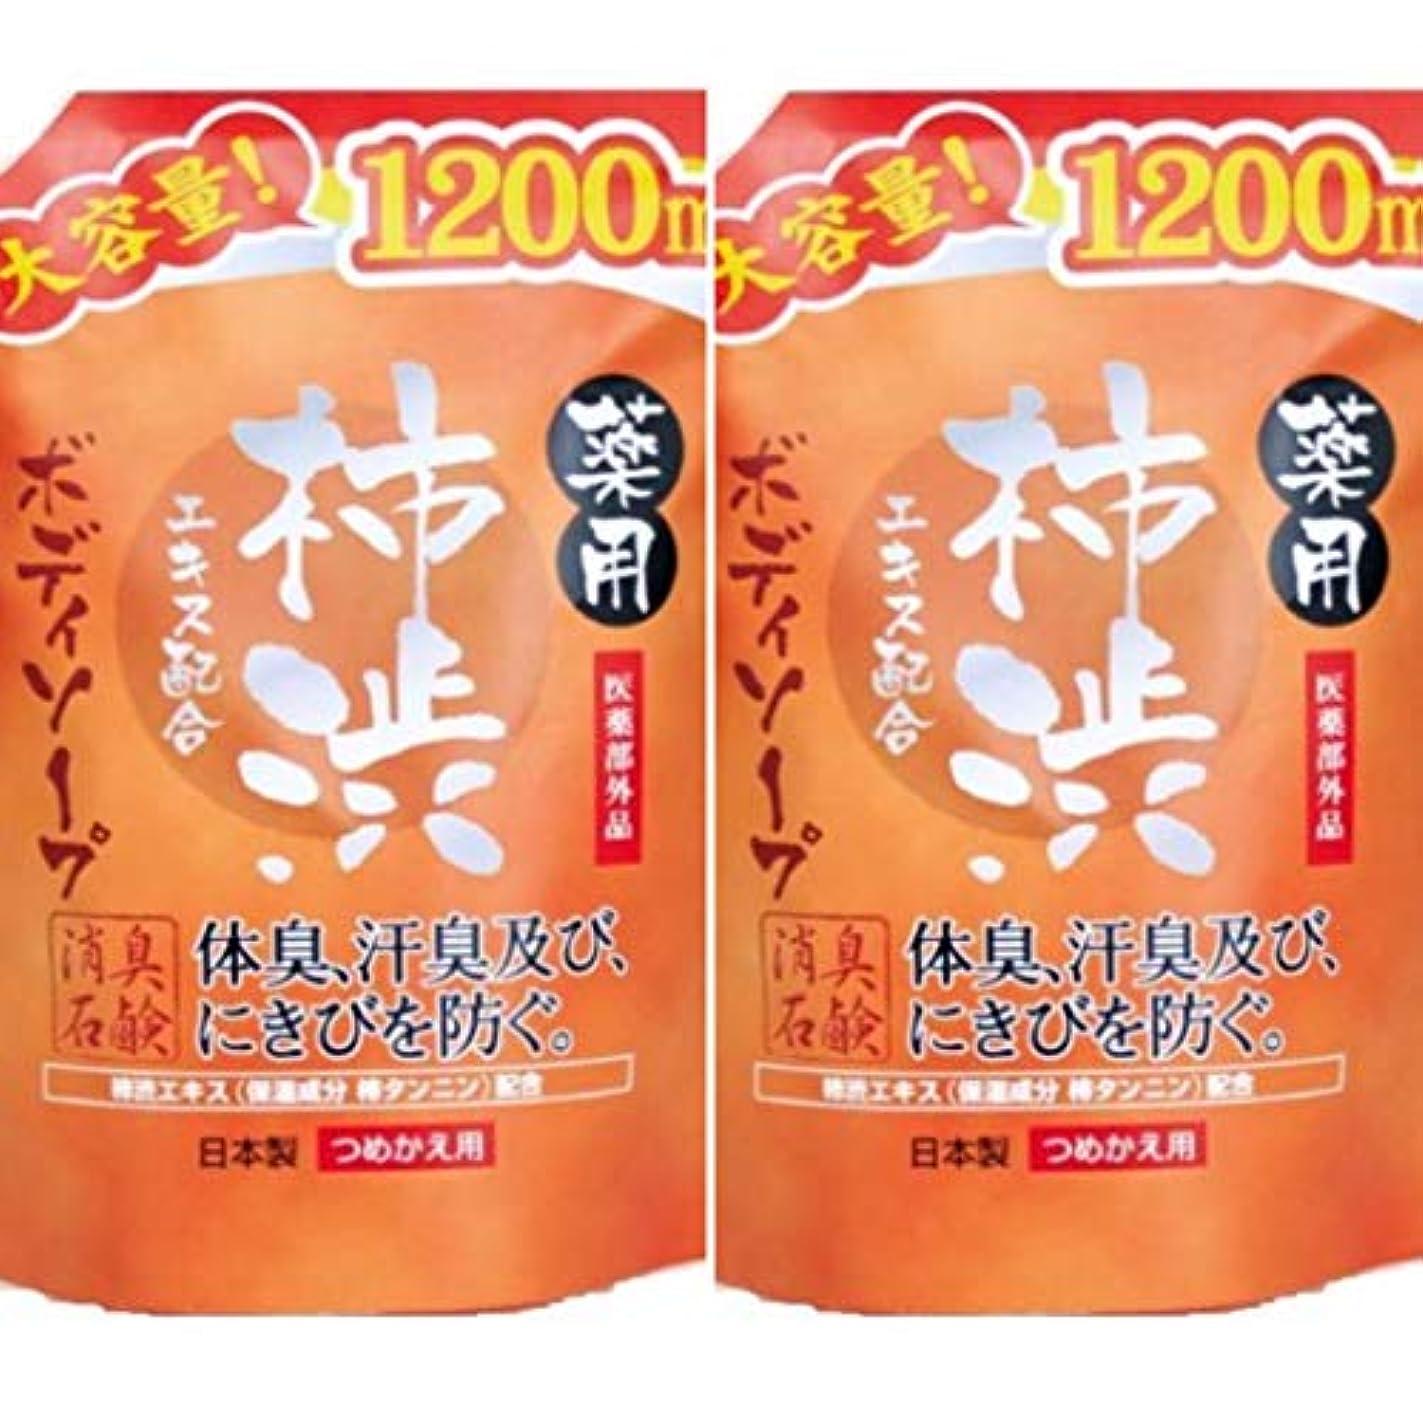 土砂降りビスケット基本的な薬用柿渋 ボディソープ大容量 1200mL ×2セット